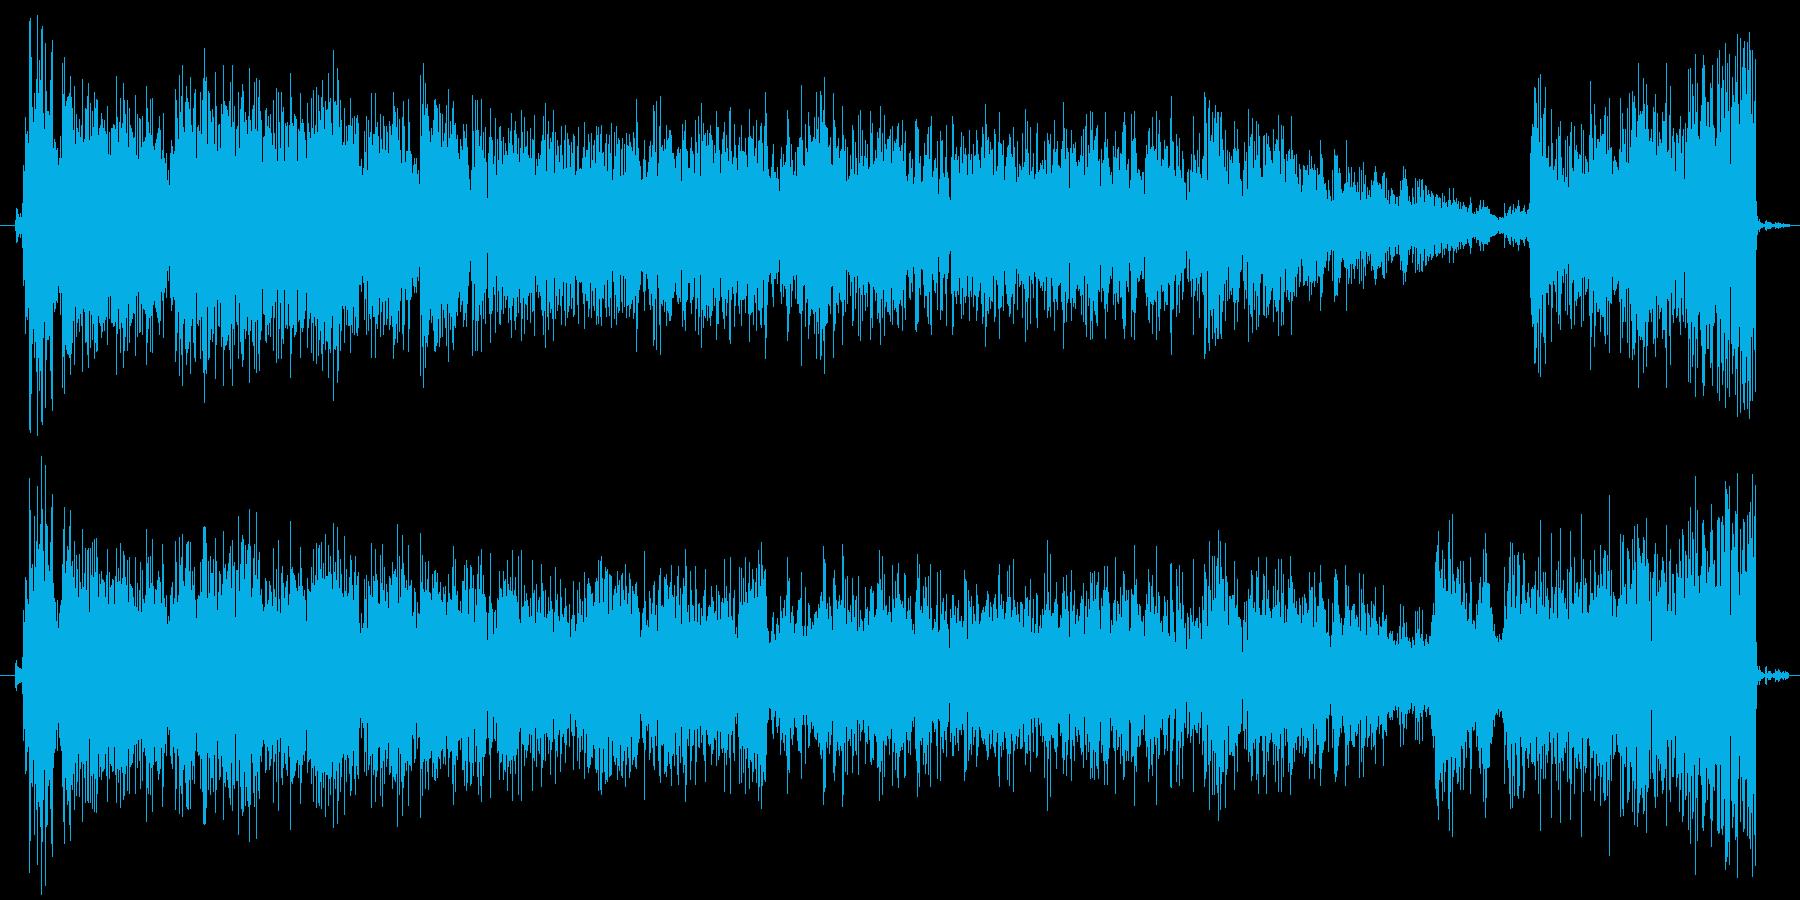 蒸発器のZIPの再生済みの波形